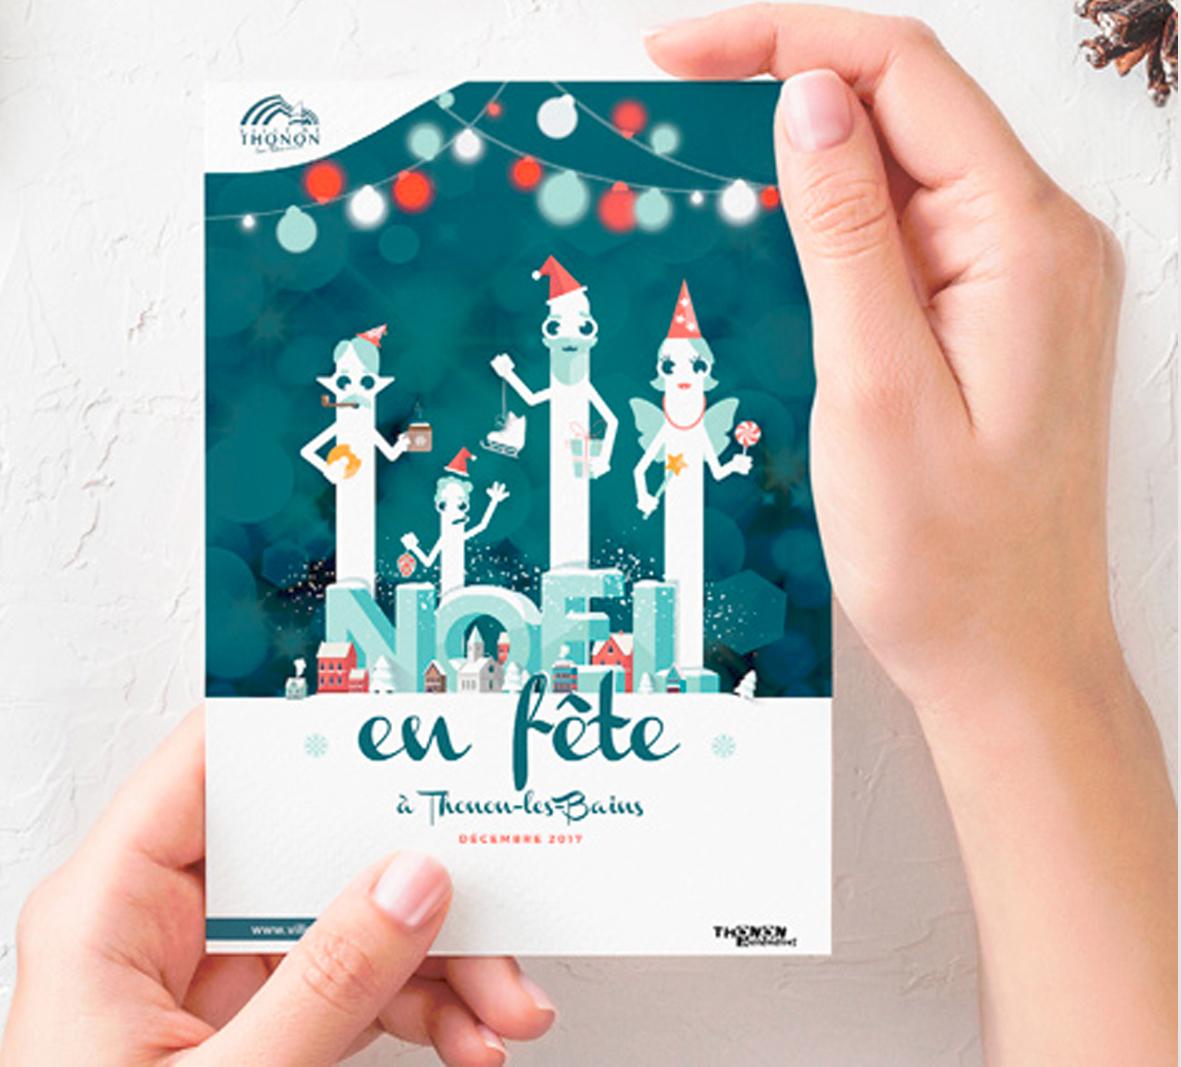 Affiche tenue dans des mains pour la Fête de Noël de la ville de Thonon-Les-Bains